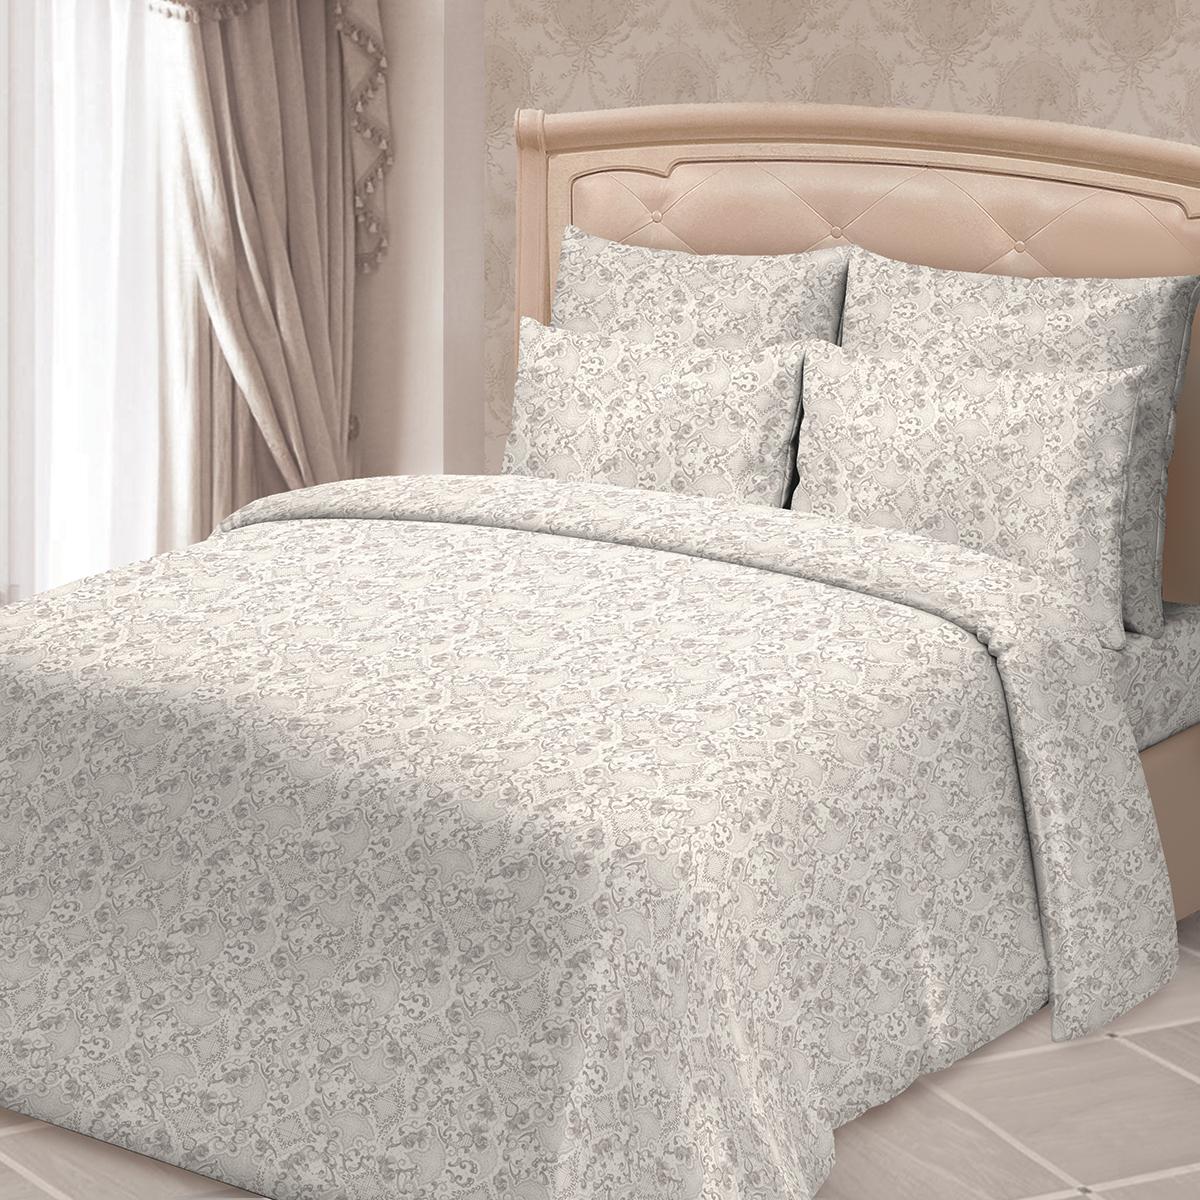 Комплект белья Сорренто Даниэла, семейный, наволочки 70х70, цвет: серый комплекты белья